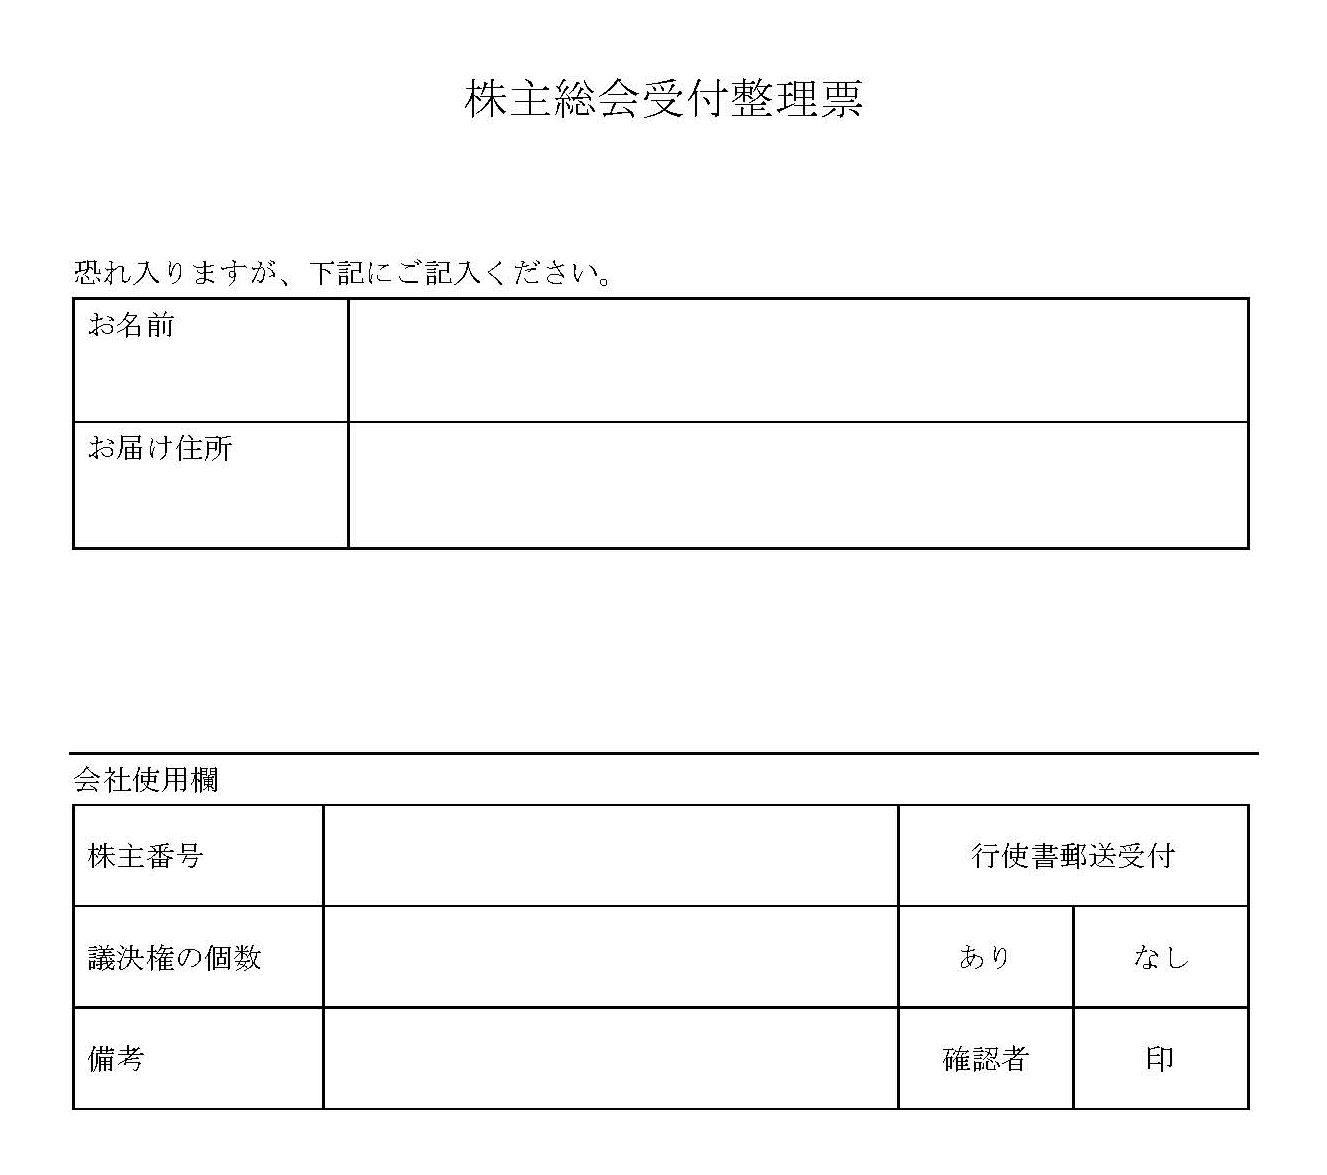 株主総会受付整理表